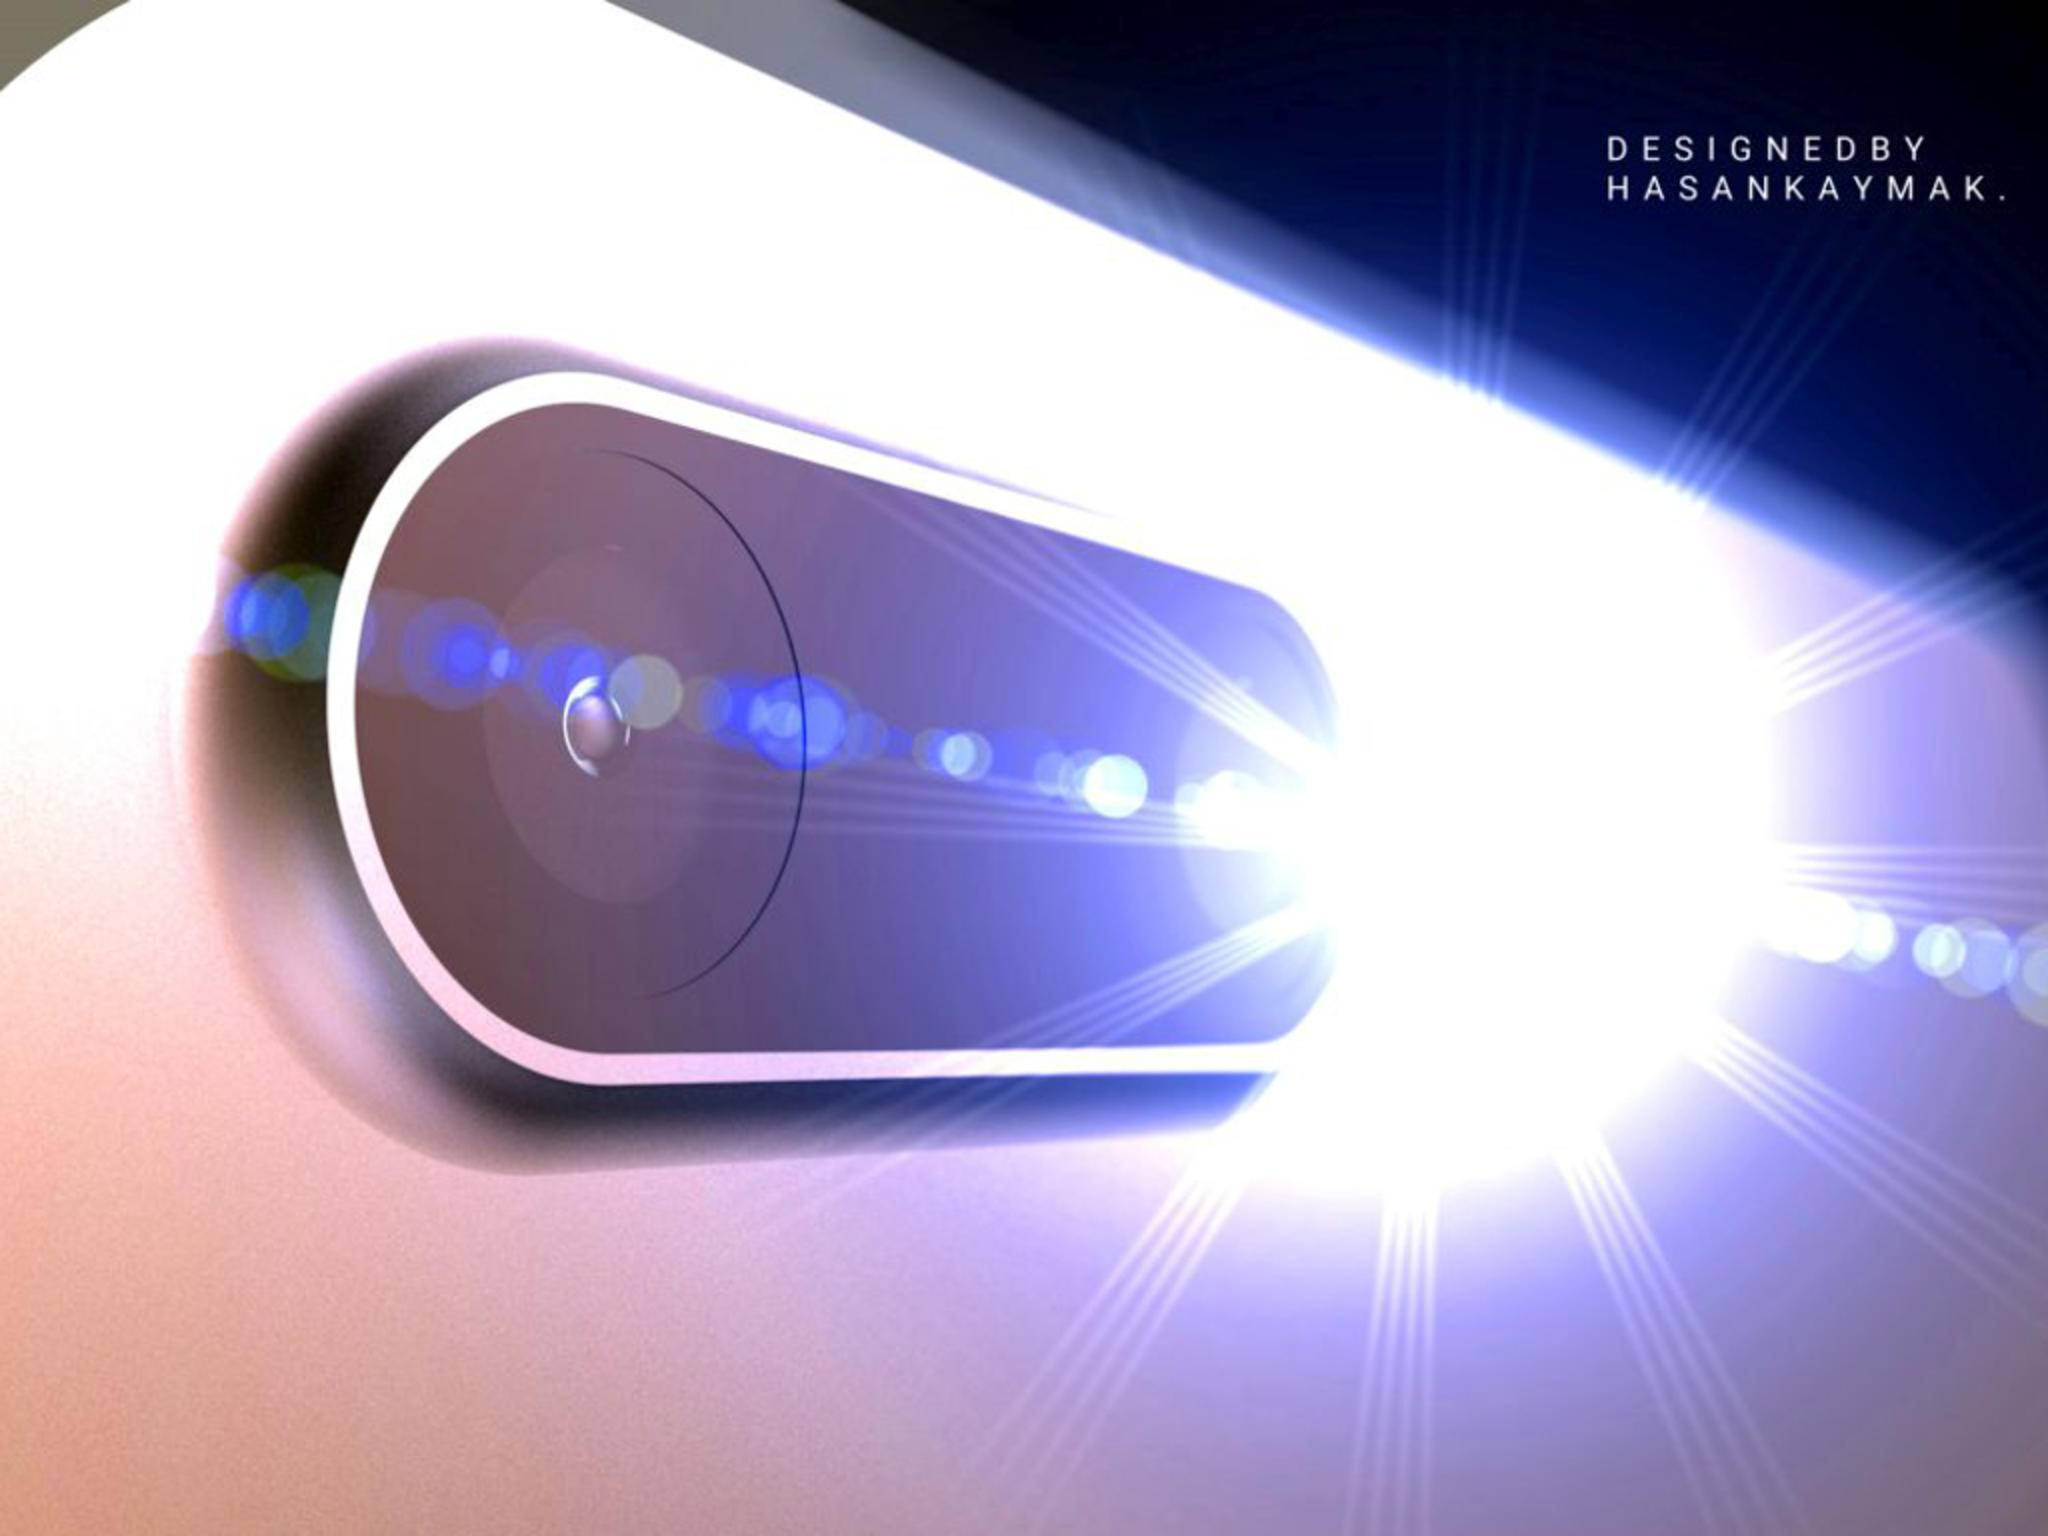 Das iPhone 7 Plus soll eine Dual-Kamera bekommen.